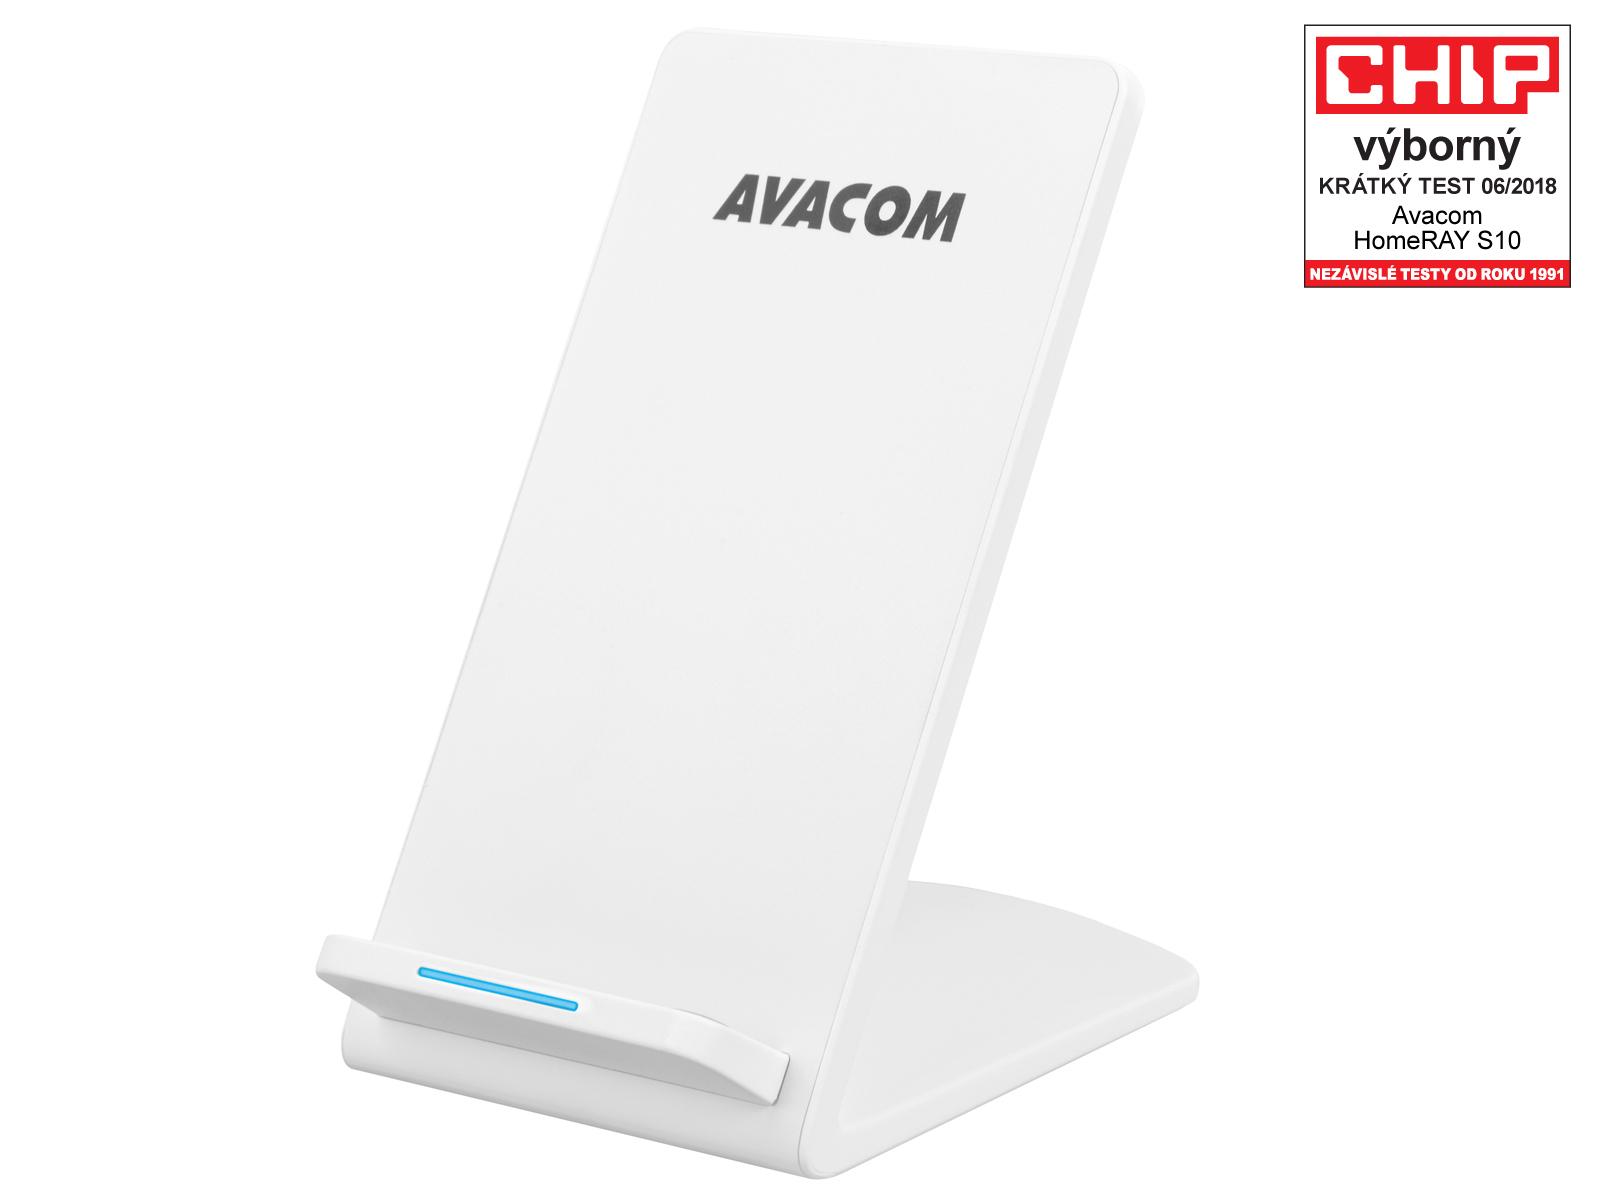 AVACOM HomeRAY S10 bezdrátová nabíječka stojánek, bílá